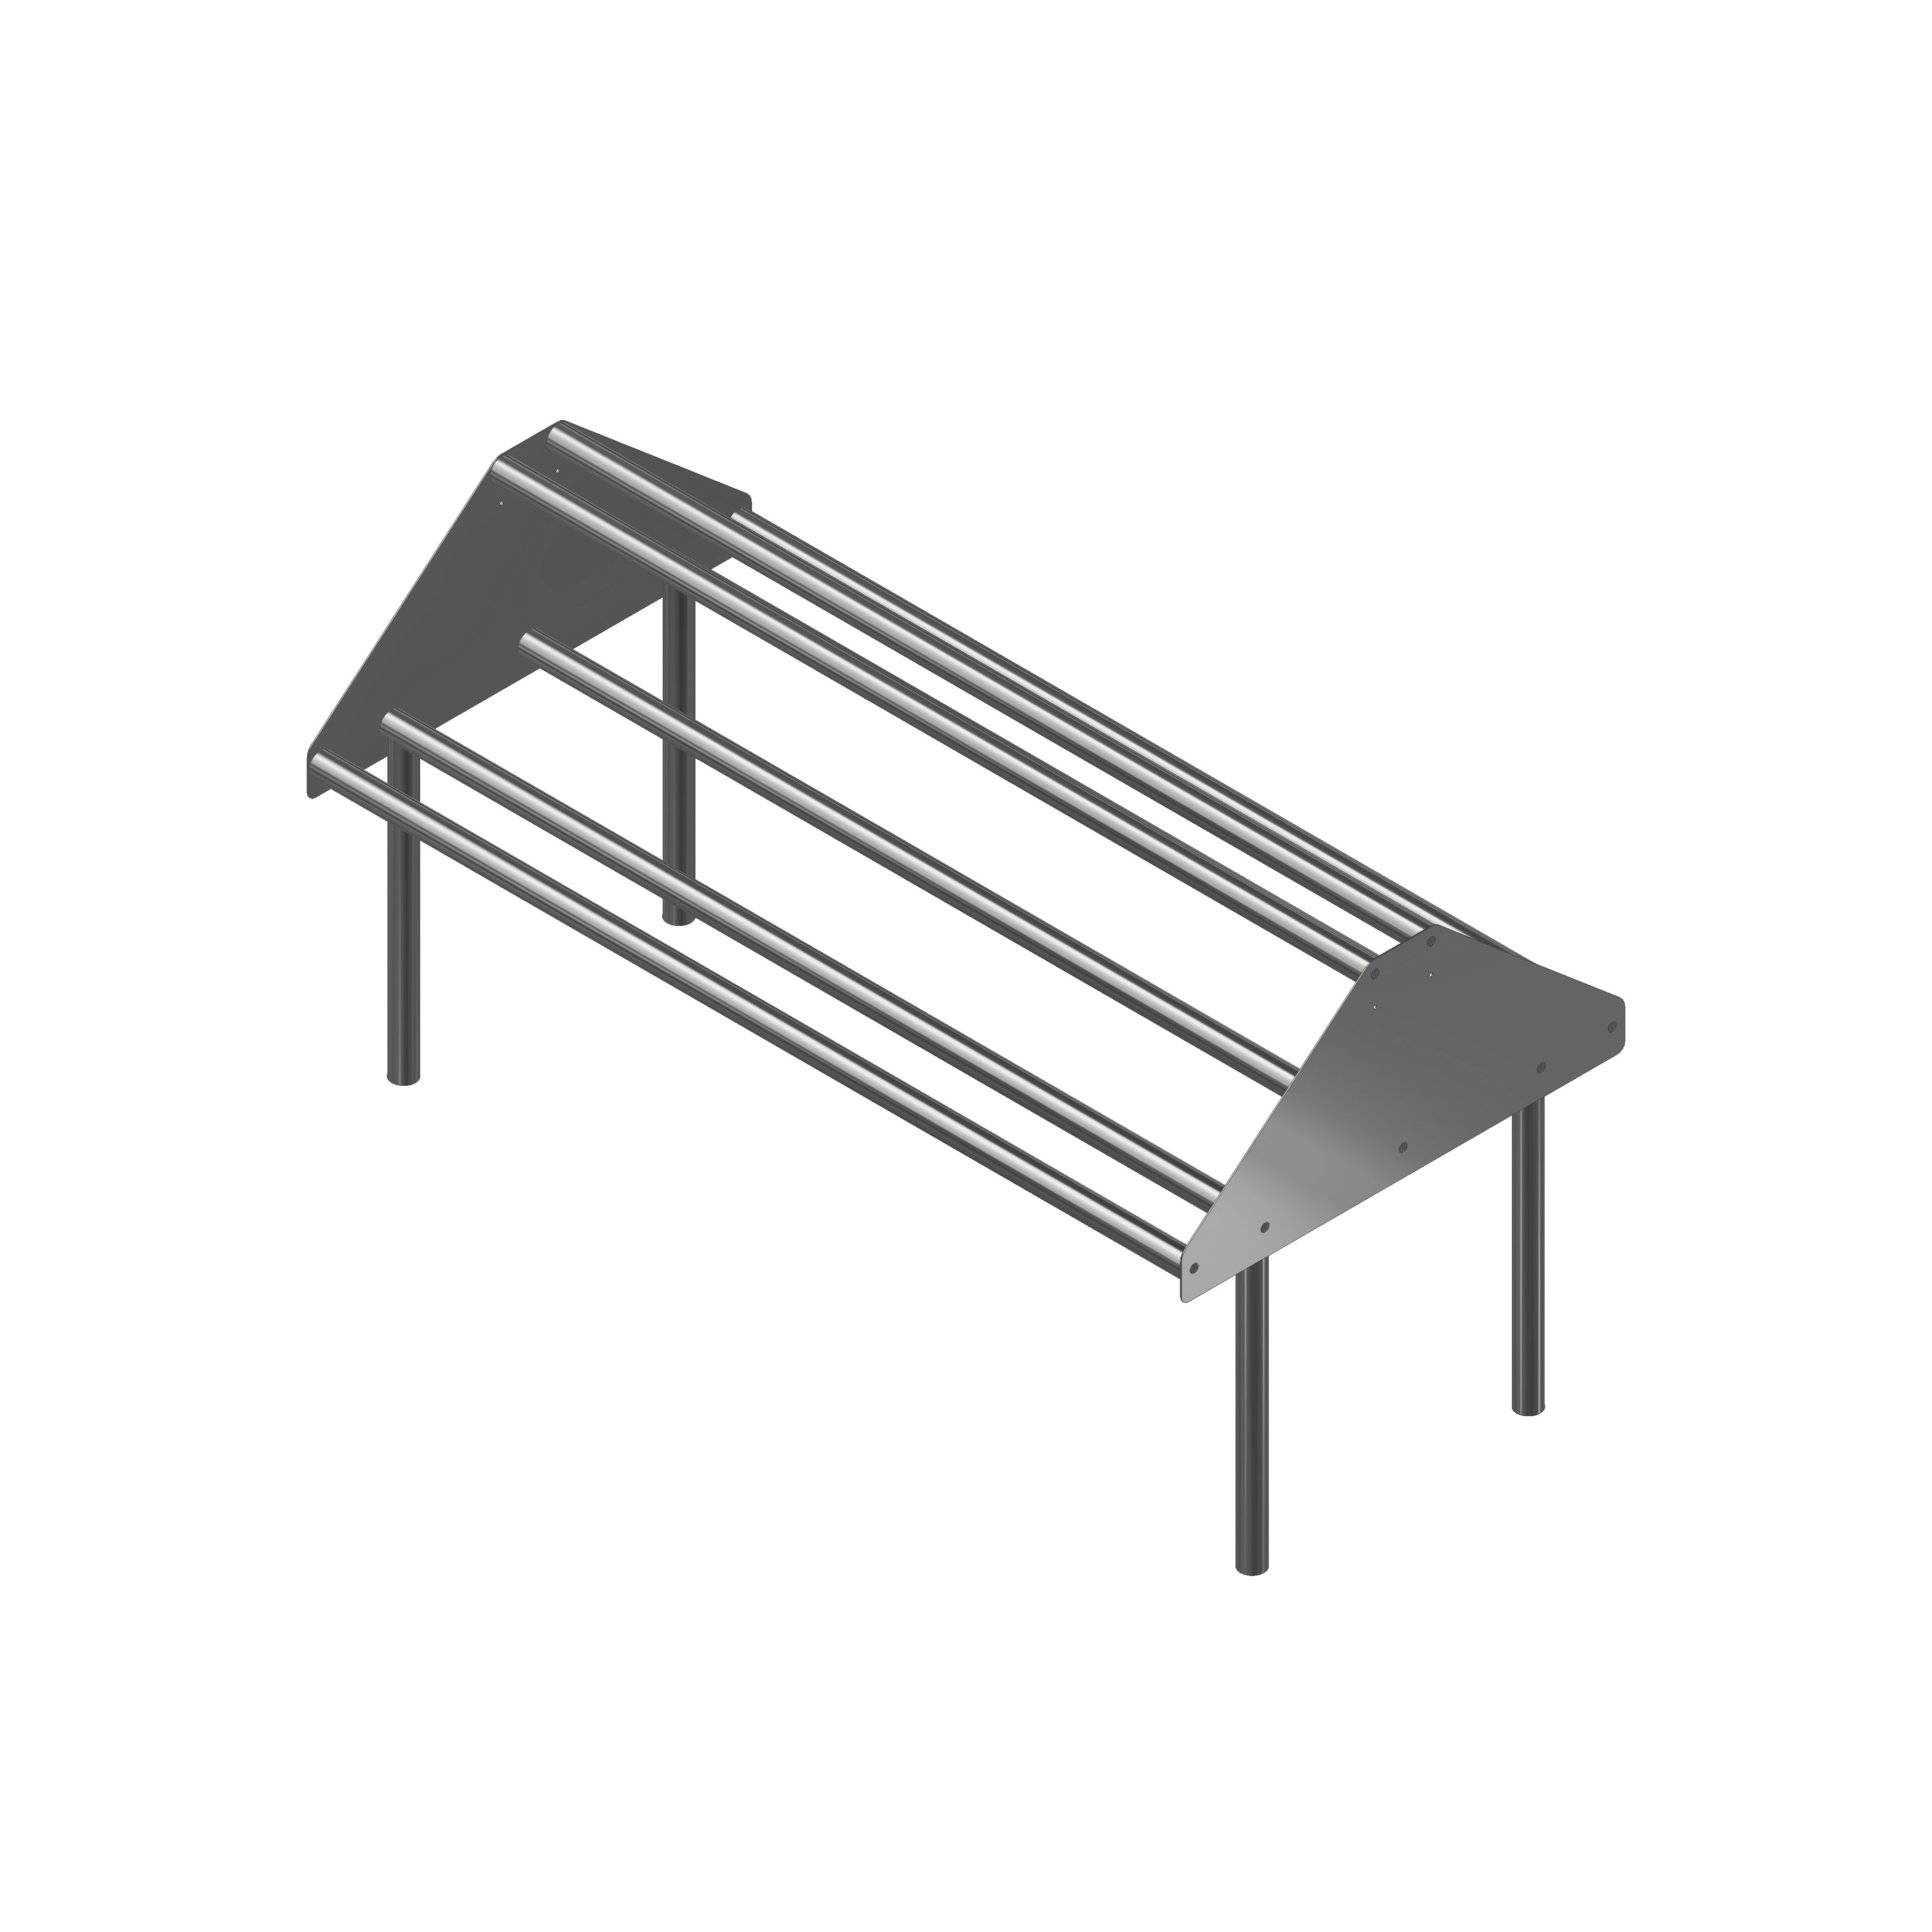 John Boos DTSS-3096-T dishtable sorting shelf